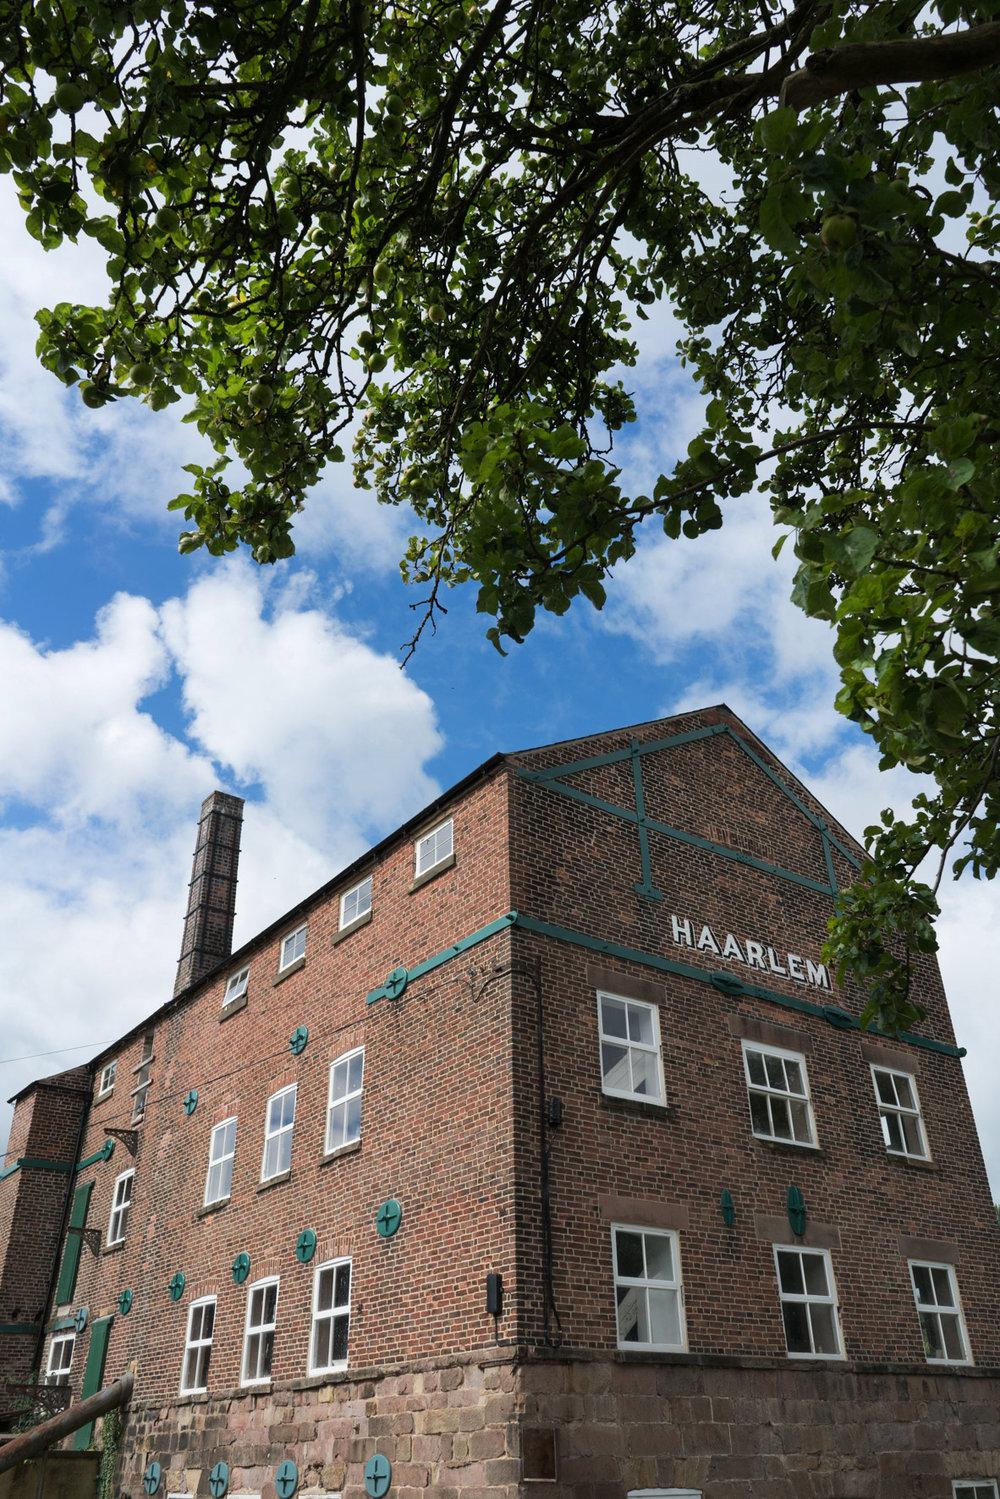 Haarlem Mill - Curiousa & Curiousa